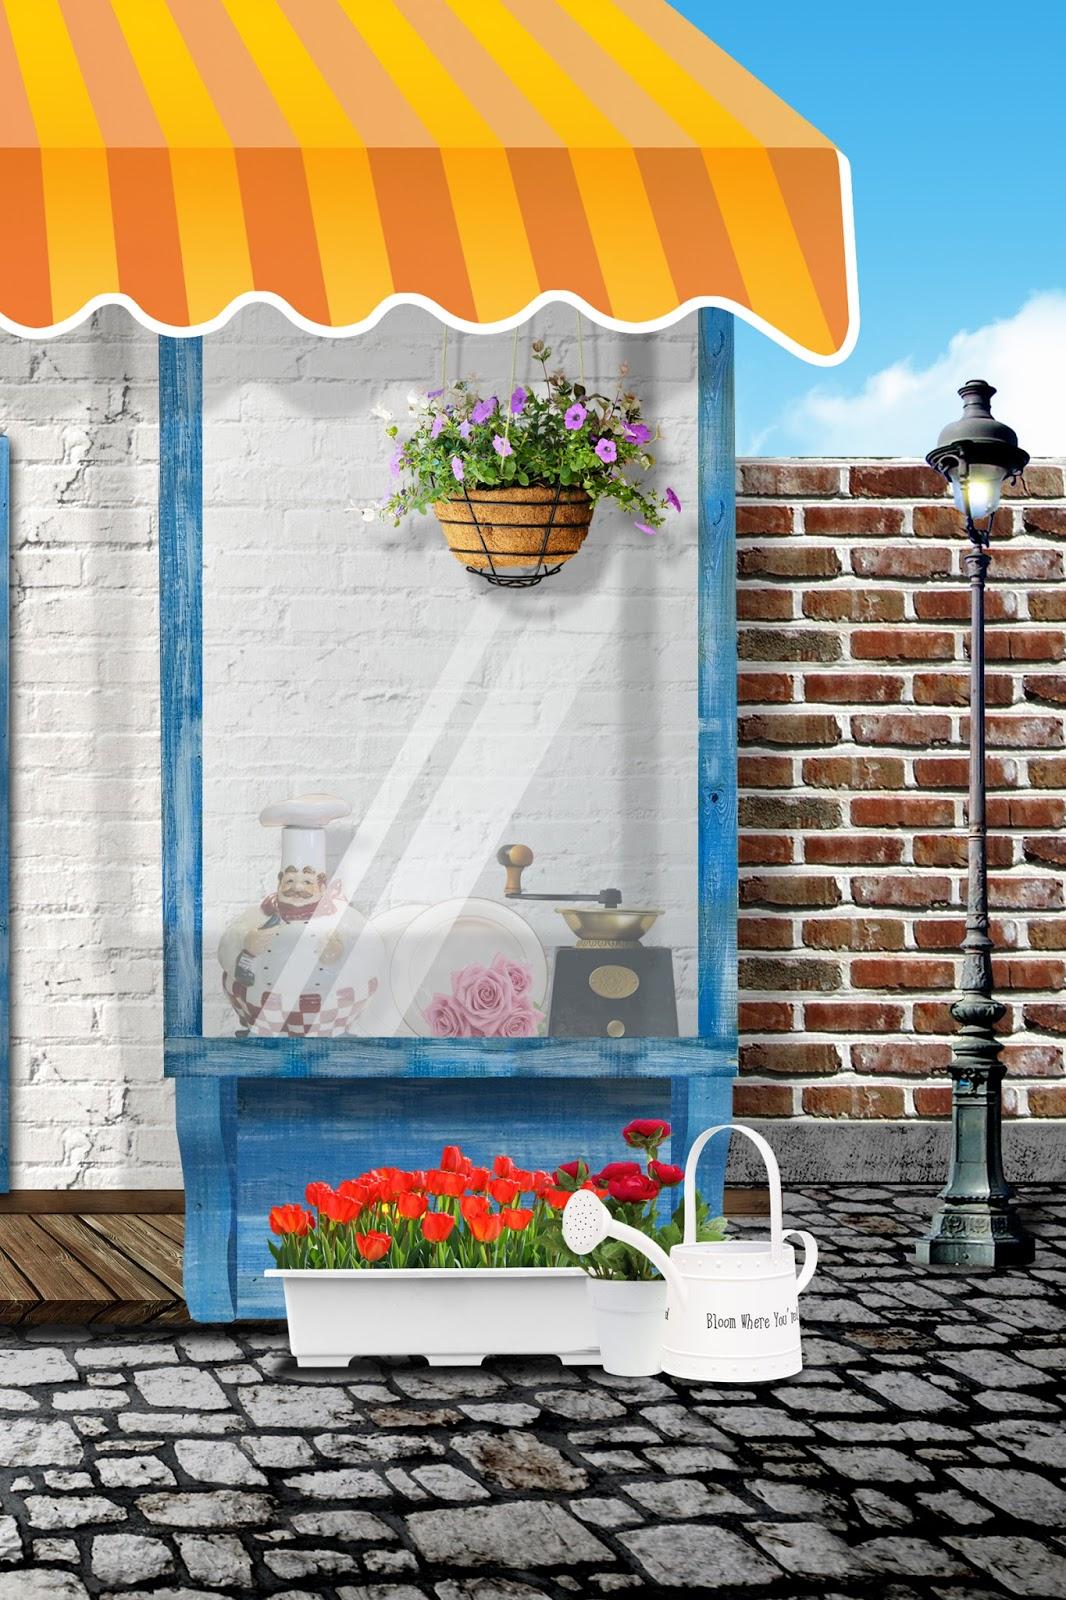 photoshop album templates free download - Ideal.vistalist.co